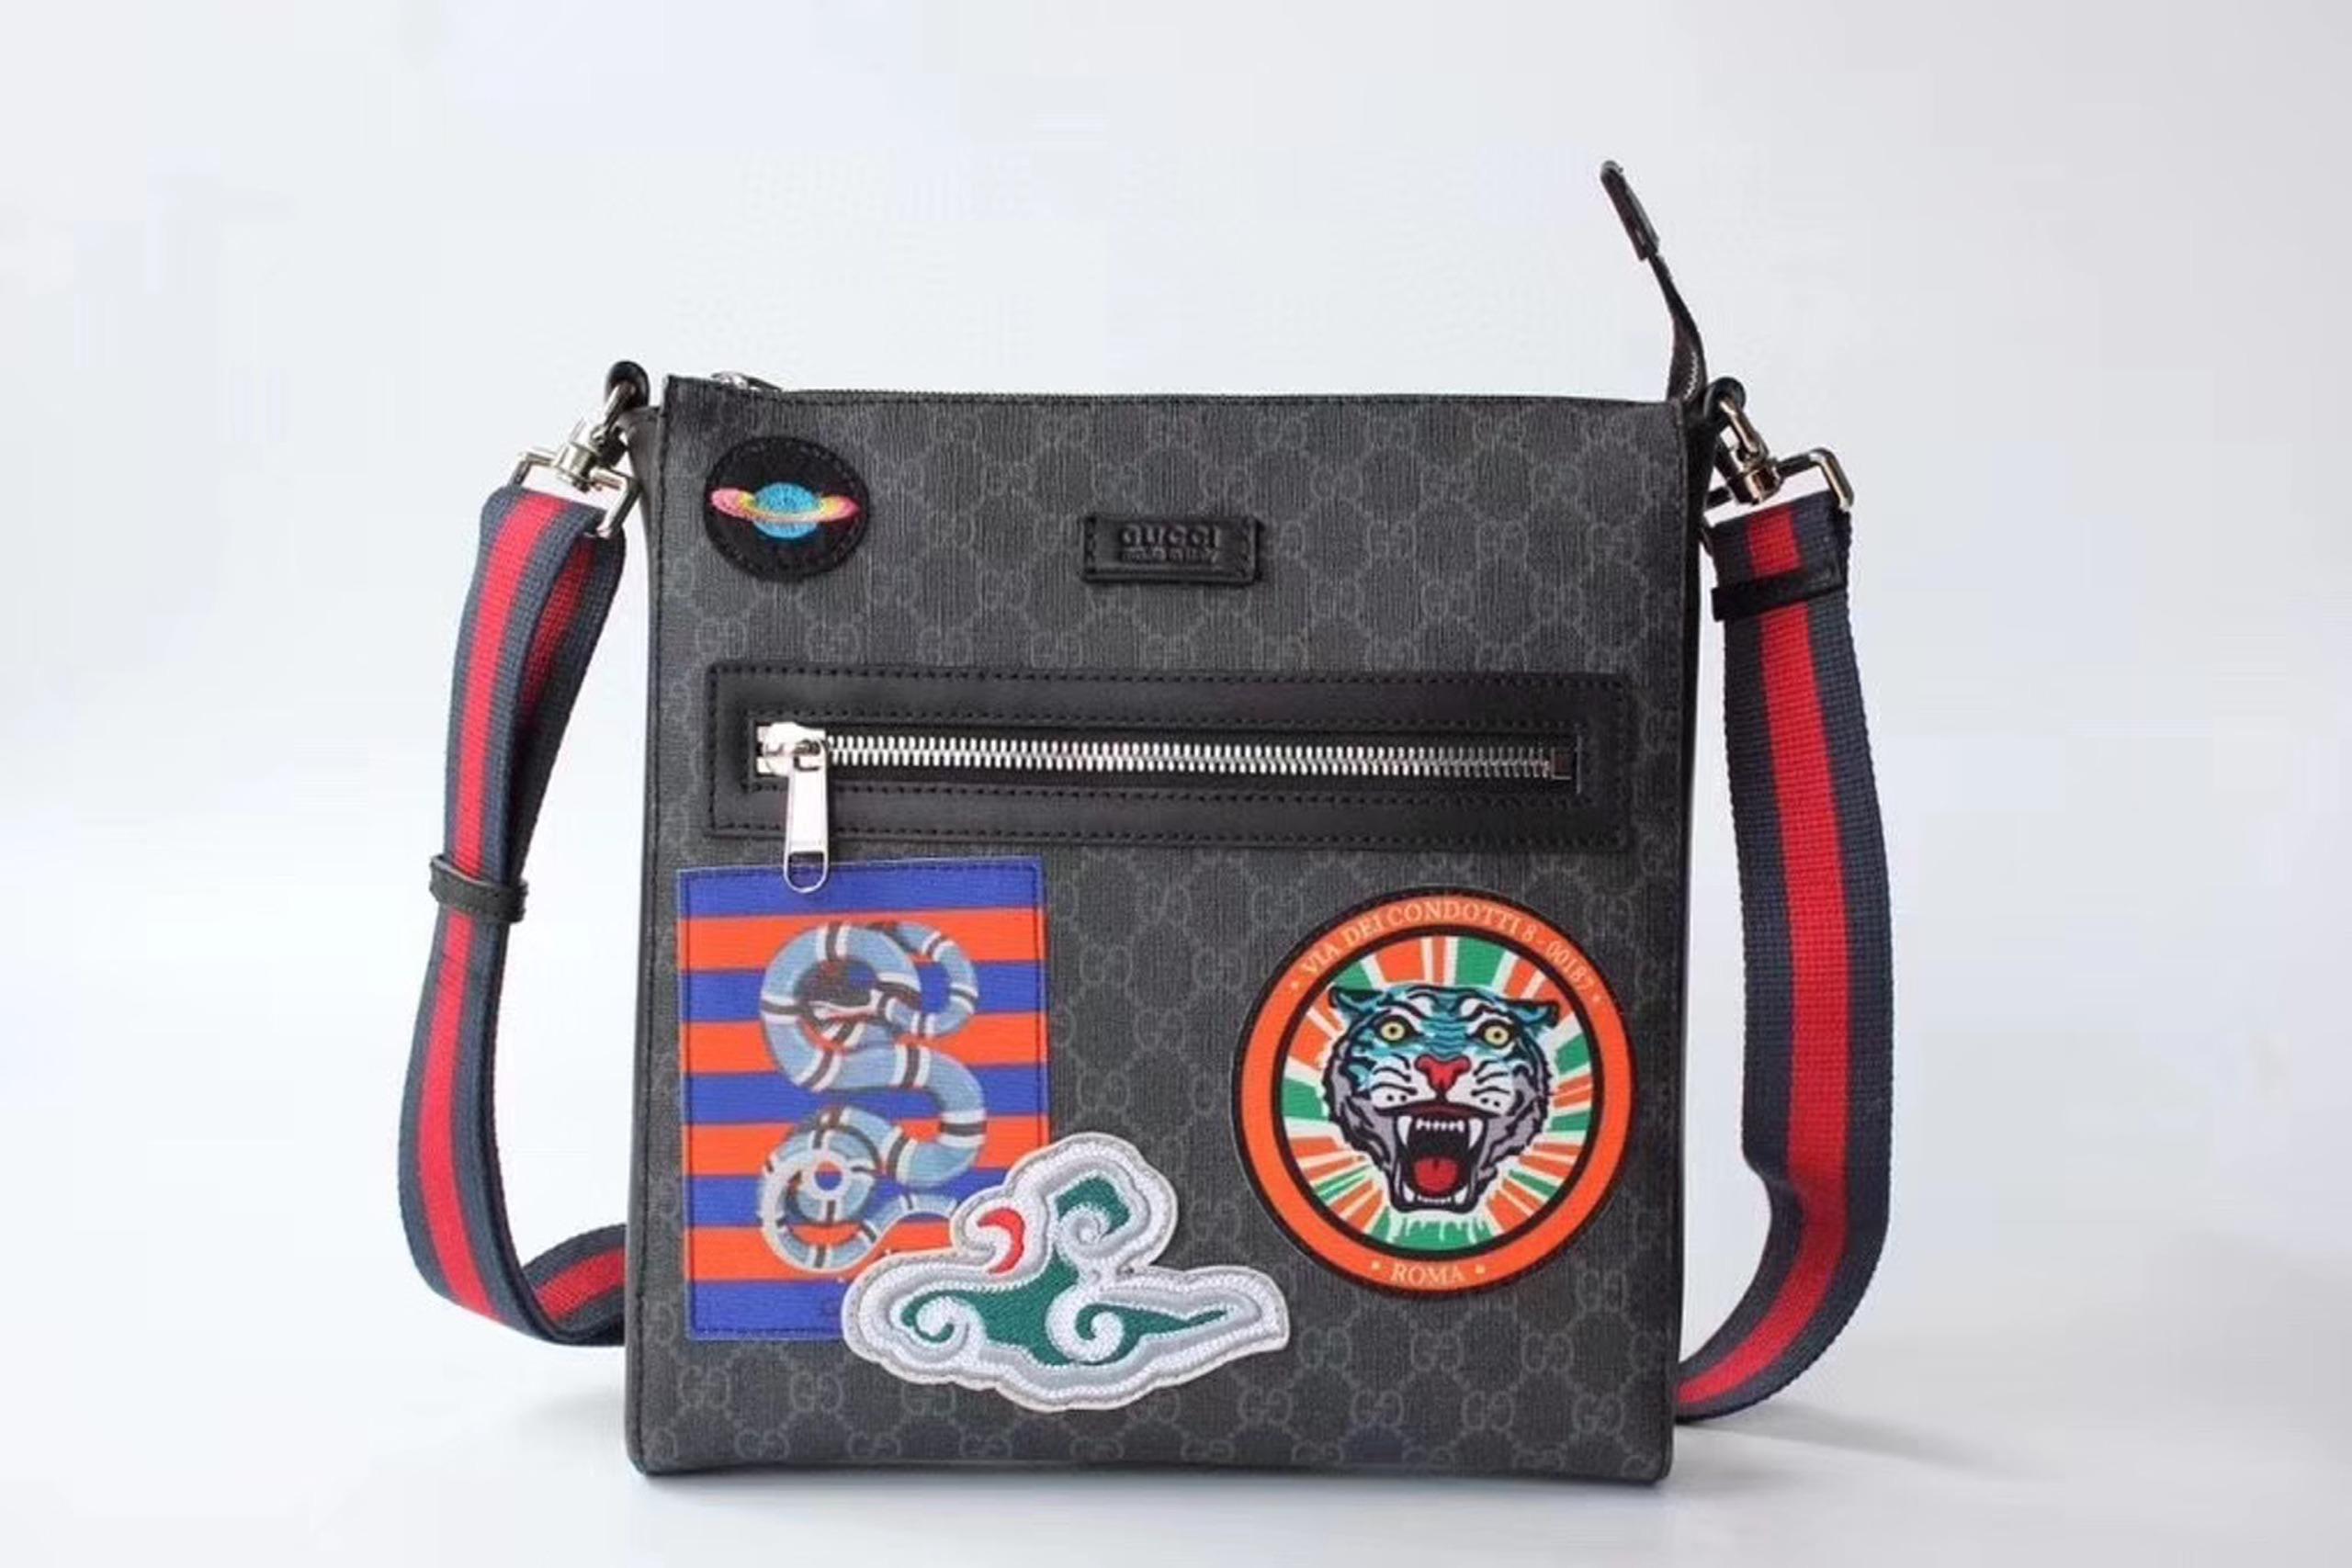 Túi xách nam Gucci siêu cấp